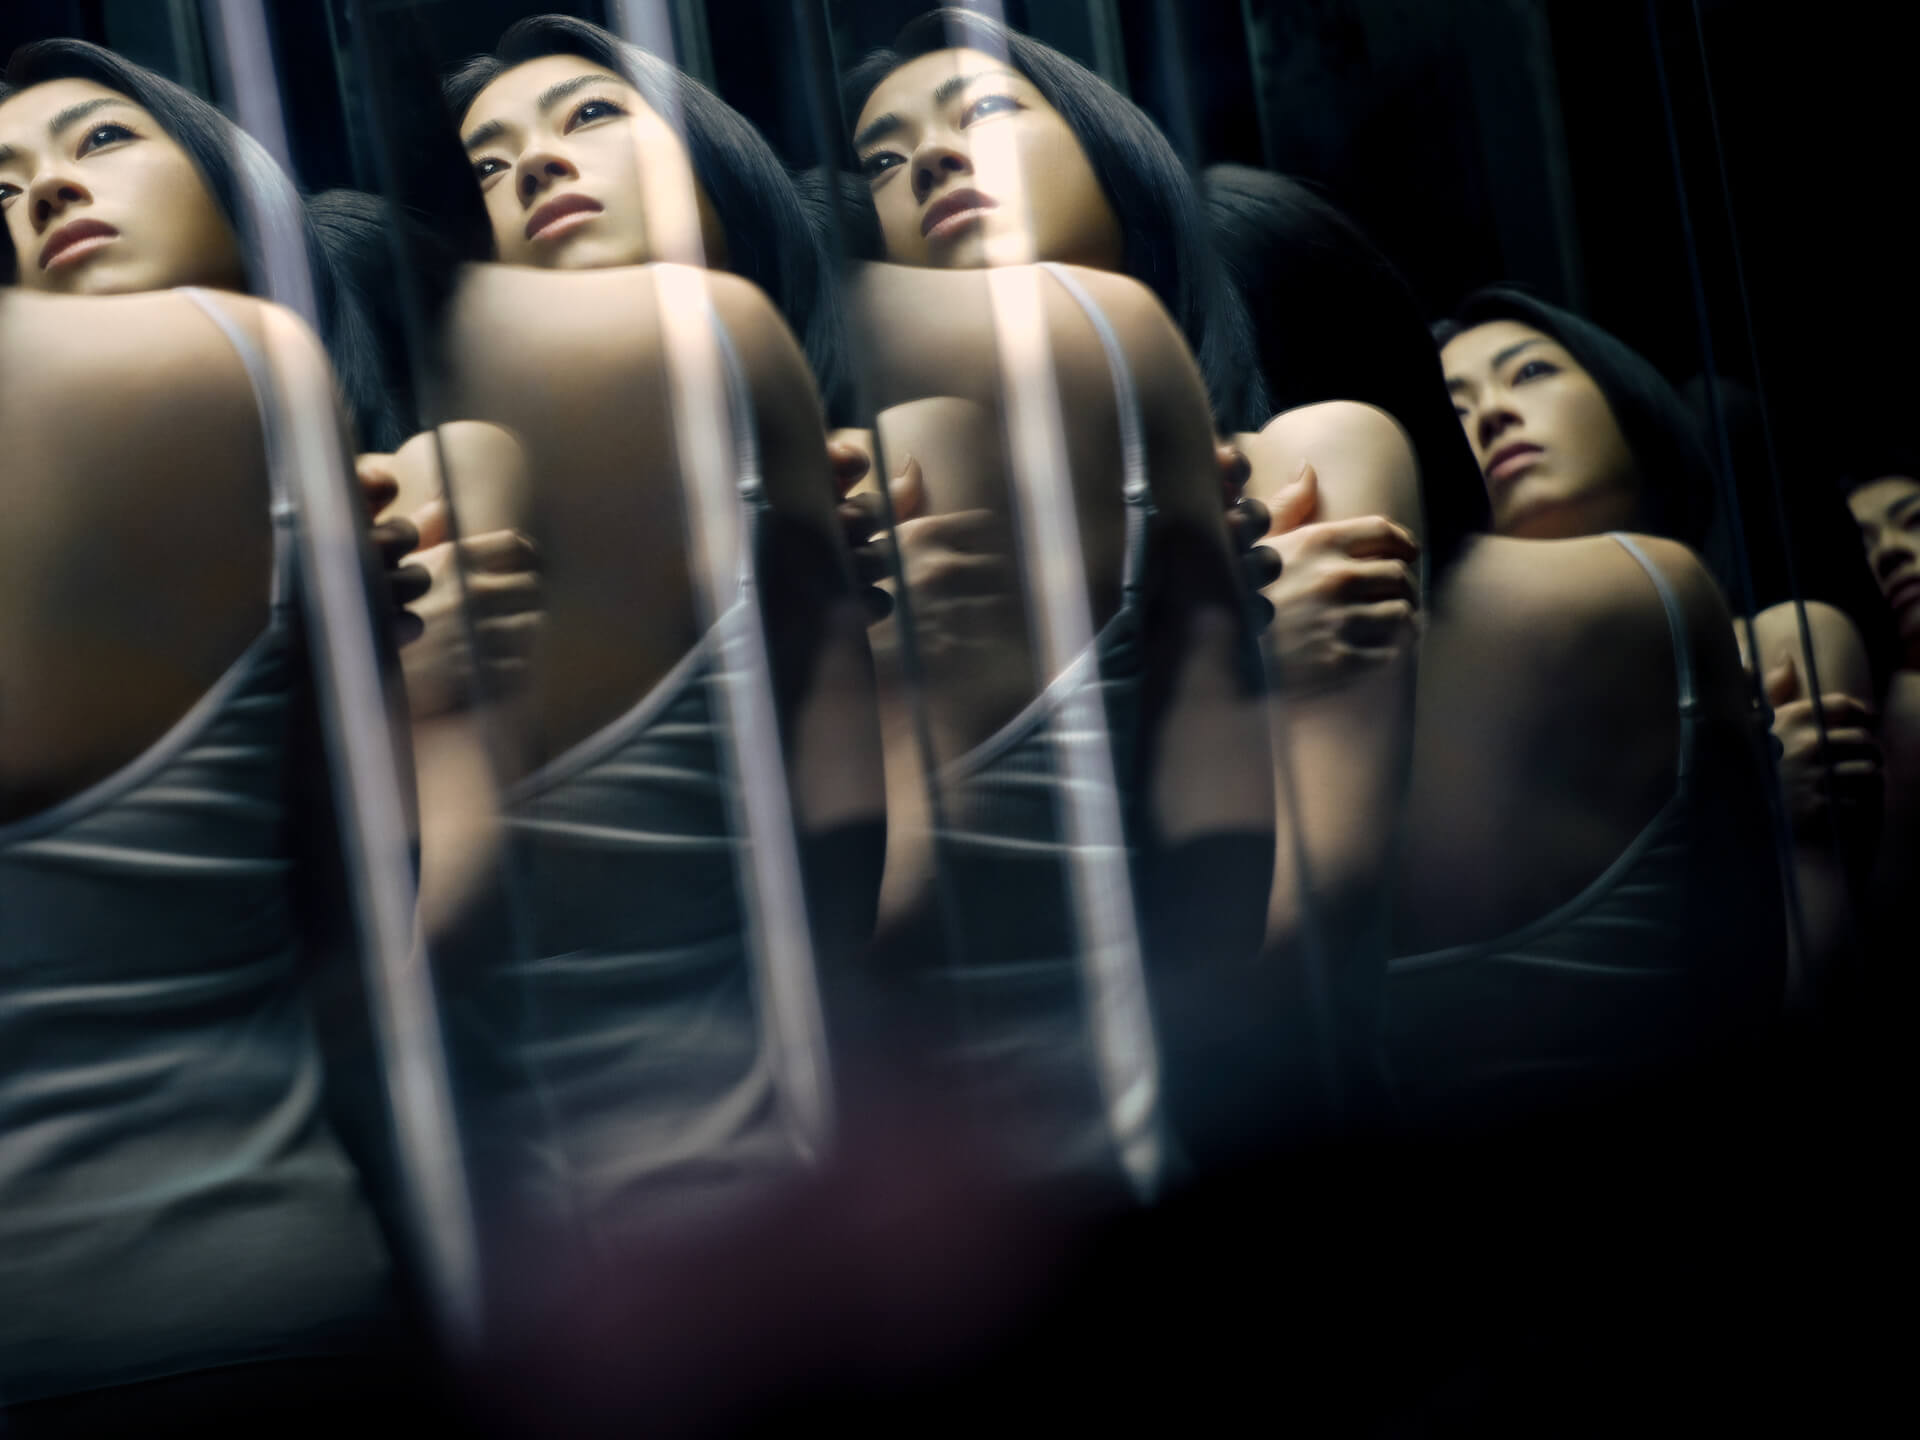 宇多田ヒカルのインスタ配信番組『ヒカルパイセンに聞け!』が6月26日に配信決定!質問も募集中 music210621_utadahikaru_instagram_1